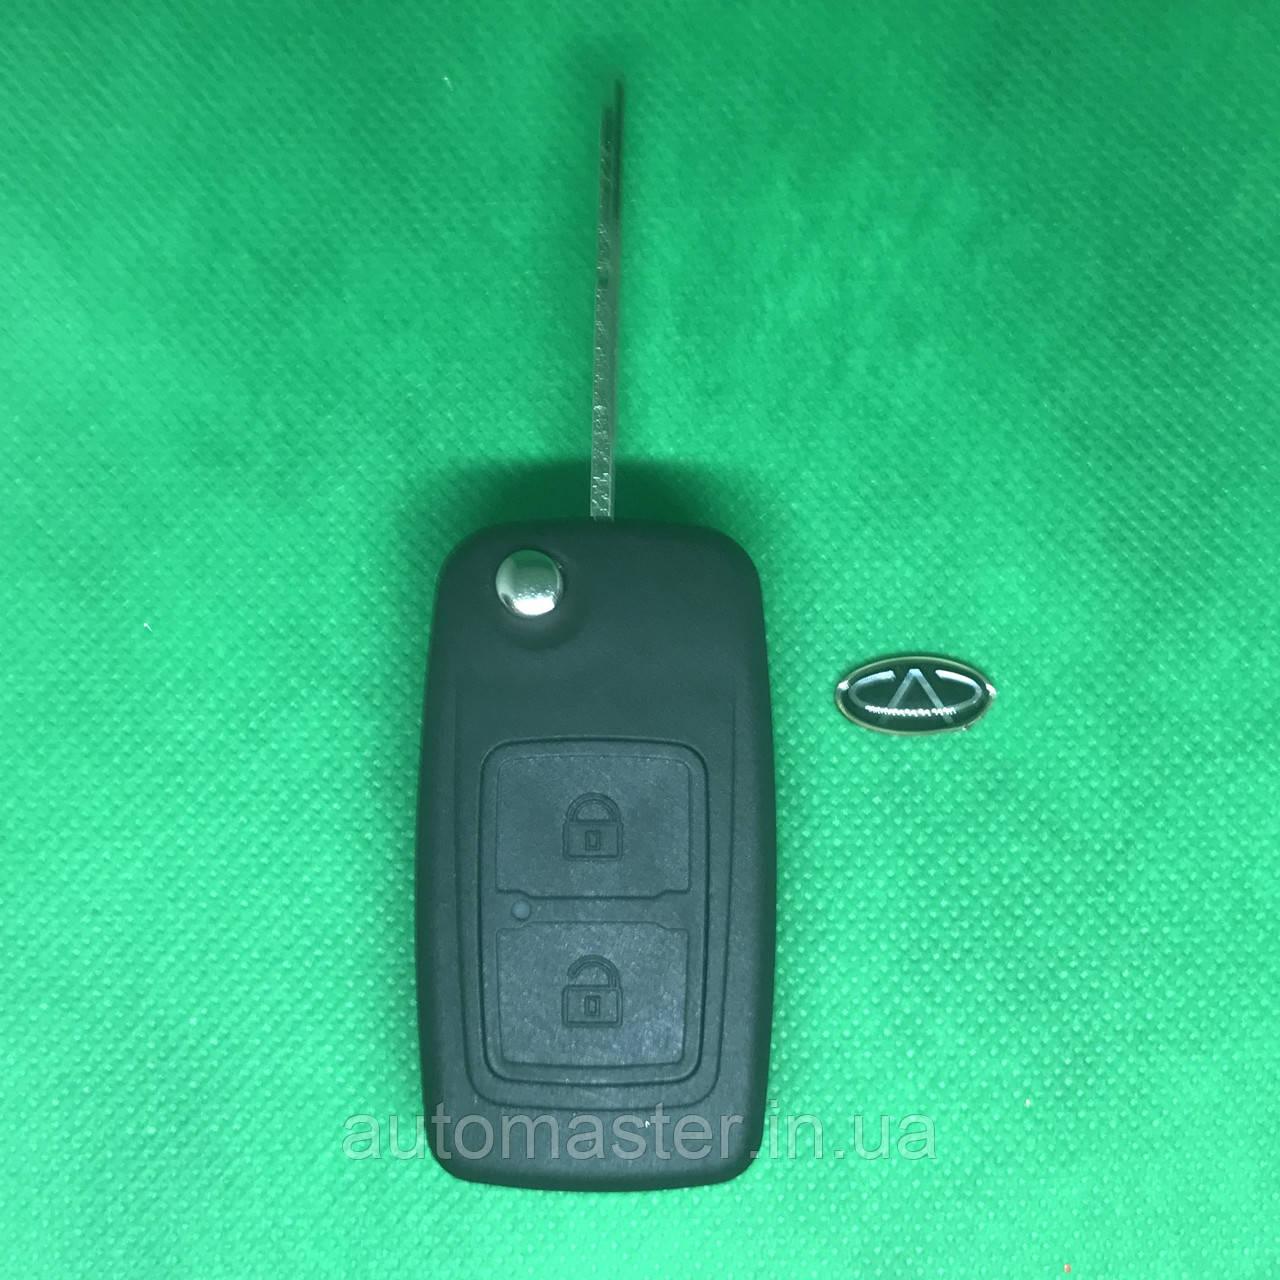 Выкидной ключ для Chery  А5, Elara, Eastar, Tiggo  2 кнопки, чип ID40 433 MHZ Черри